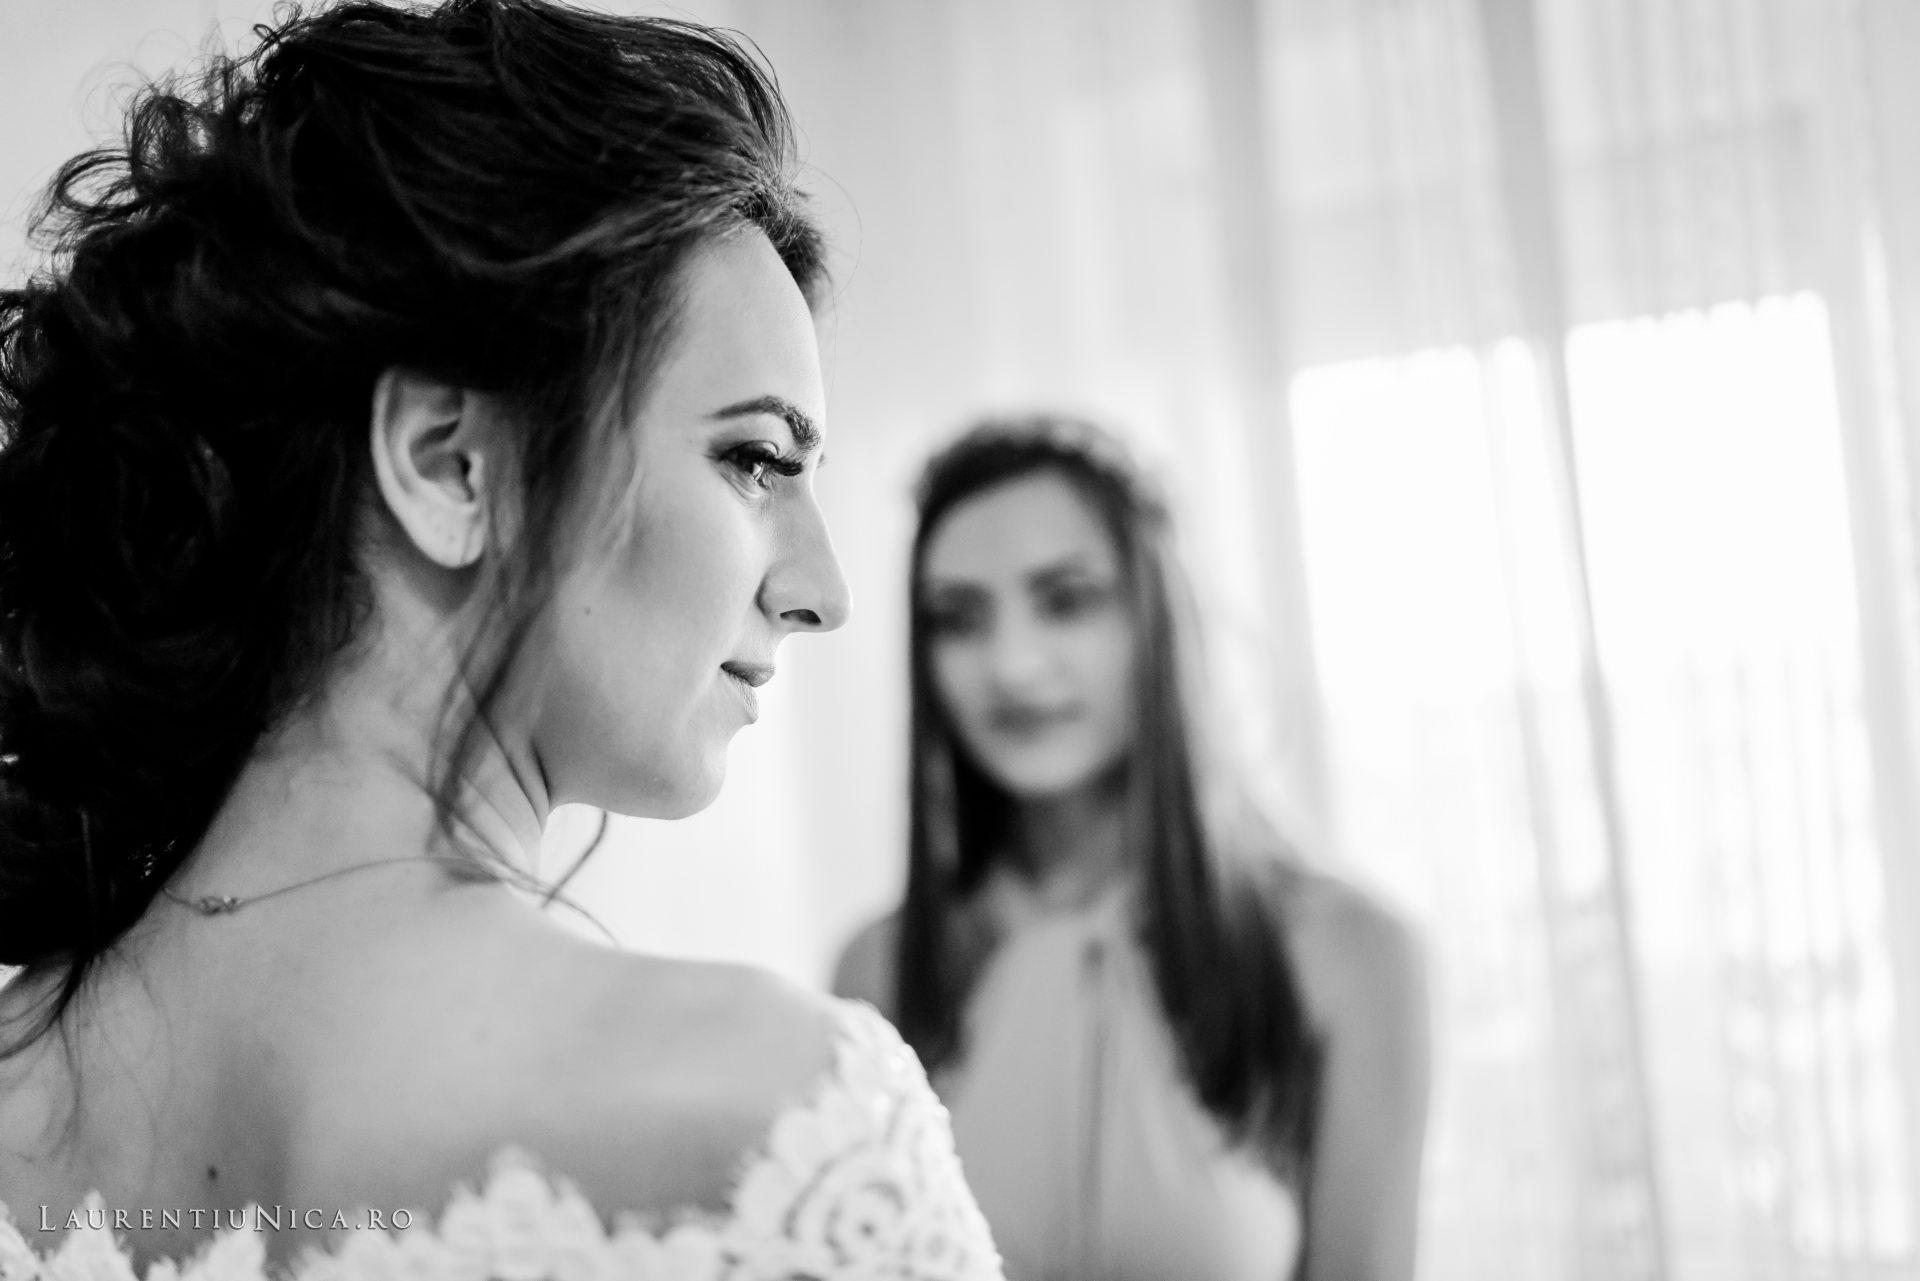 Cristina si Ovidiu nunta Craiova fotograf laurentiu nica 073 - Cristina & Ovidiu | Fotografii nunta | Craiova